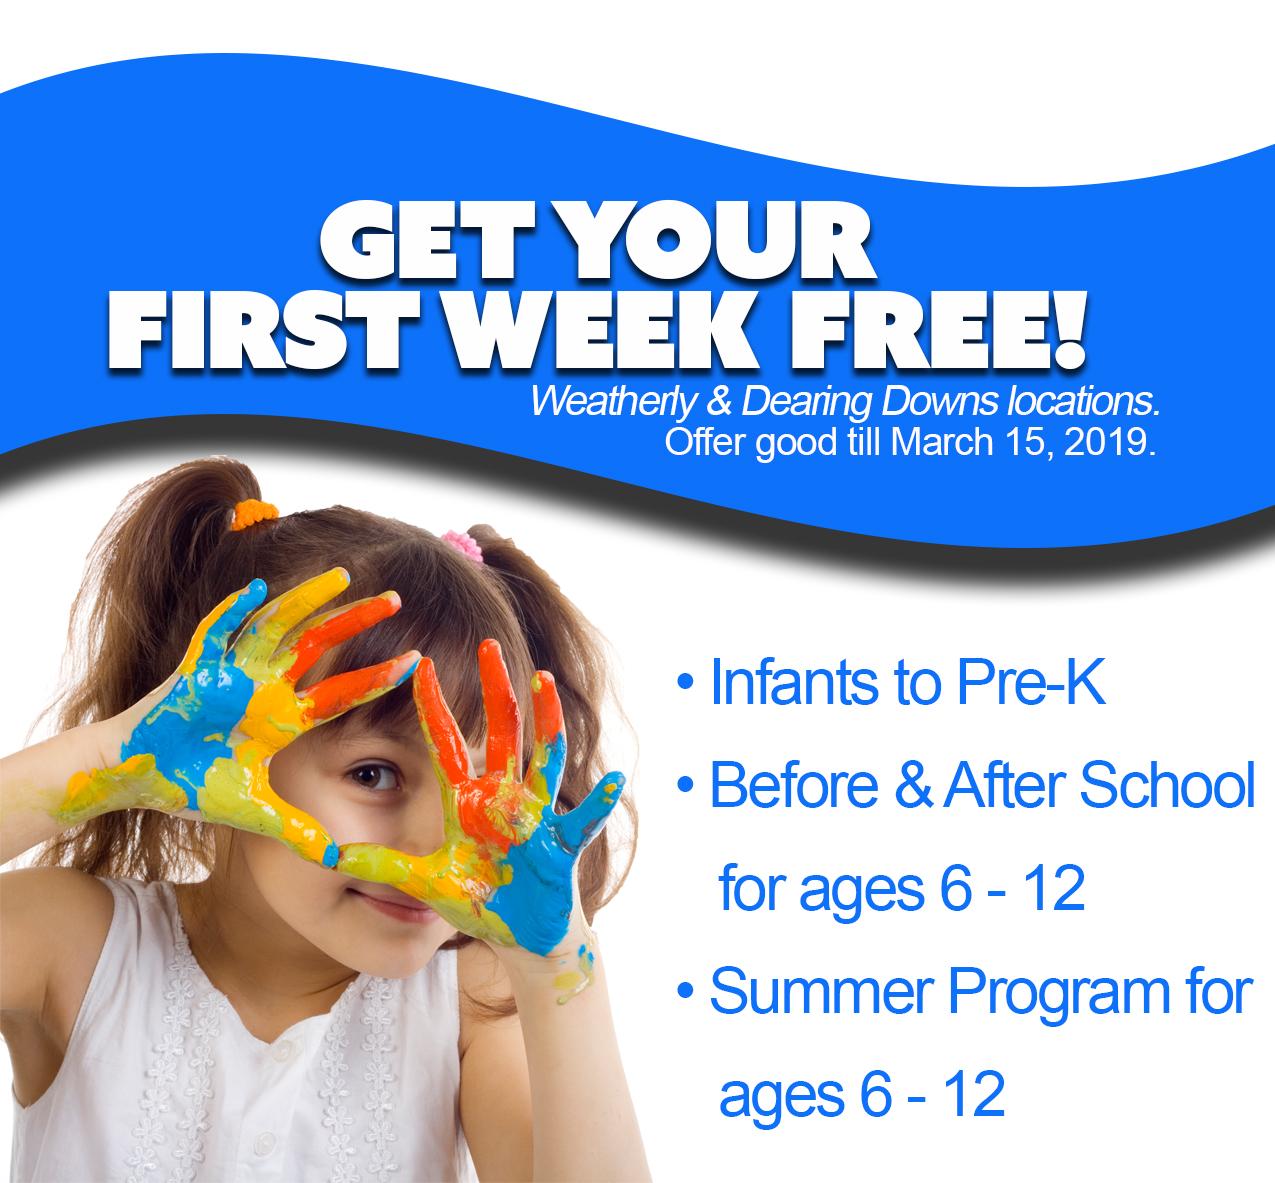 First Week Free